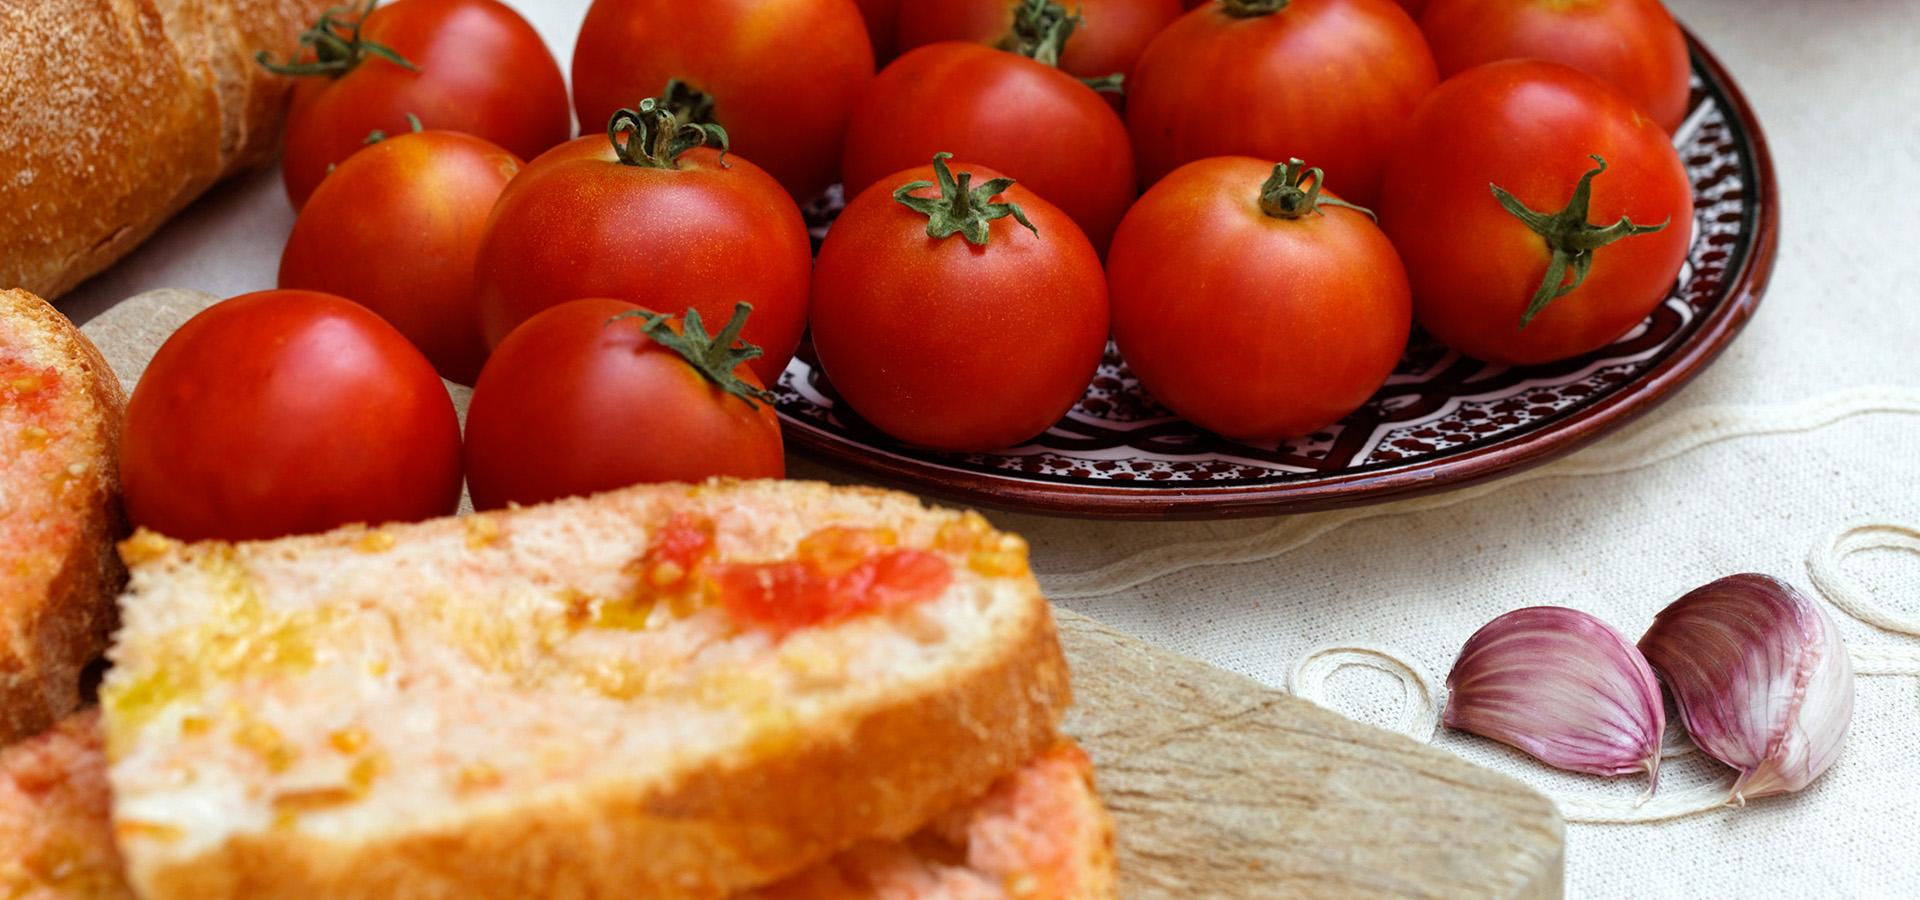 Turismo Alcalà de Xivert - Alcossebre. Gastronomí. Tomata de Penjar